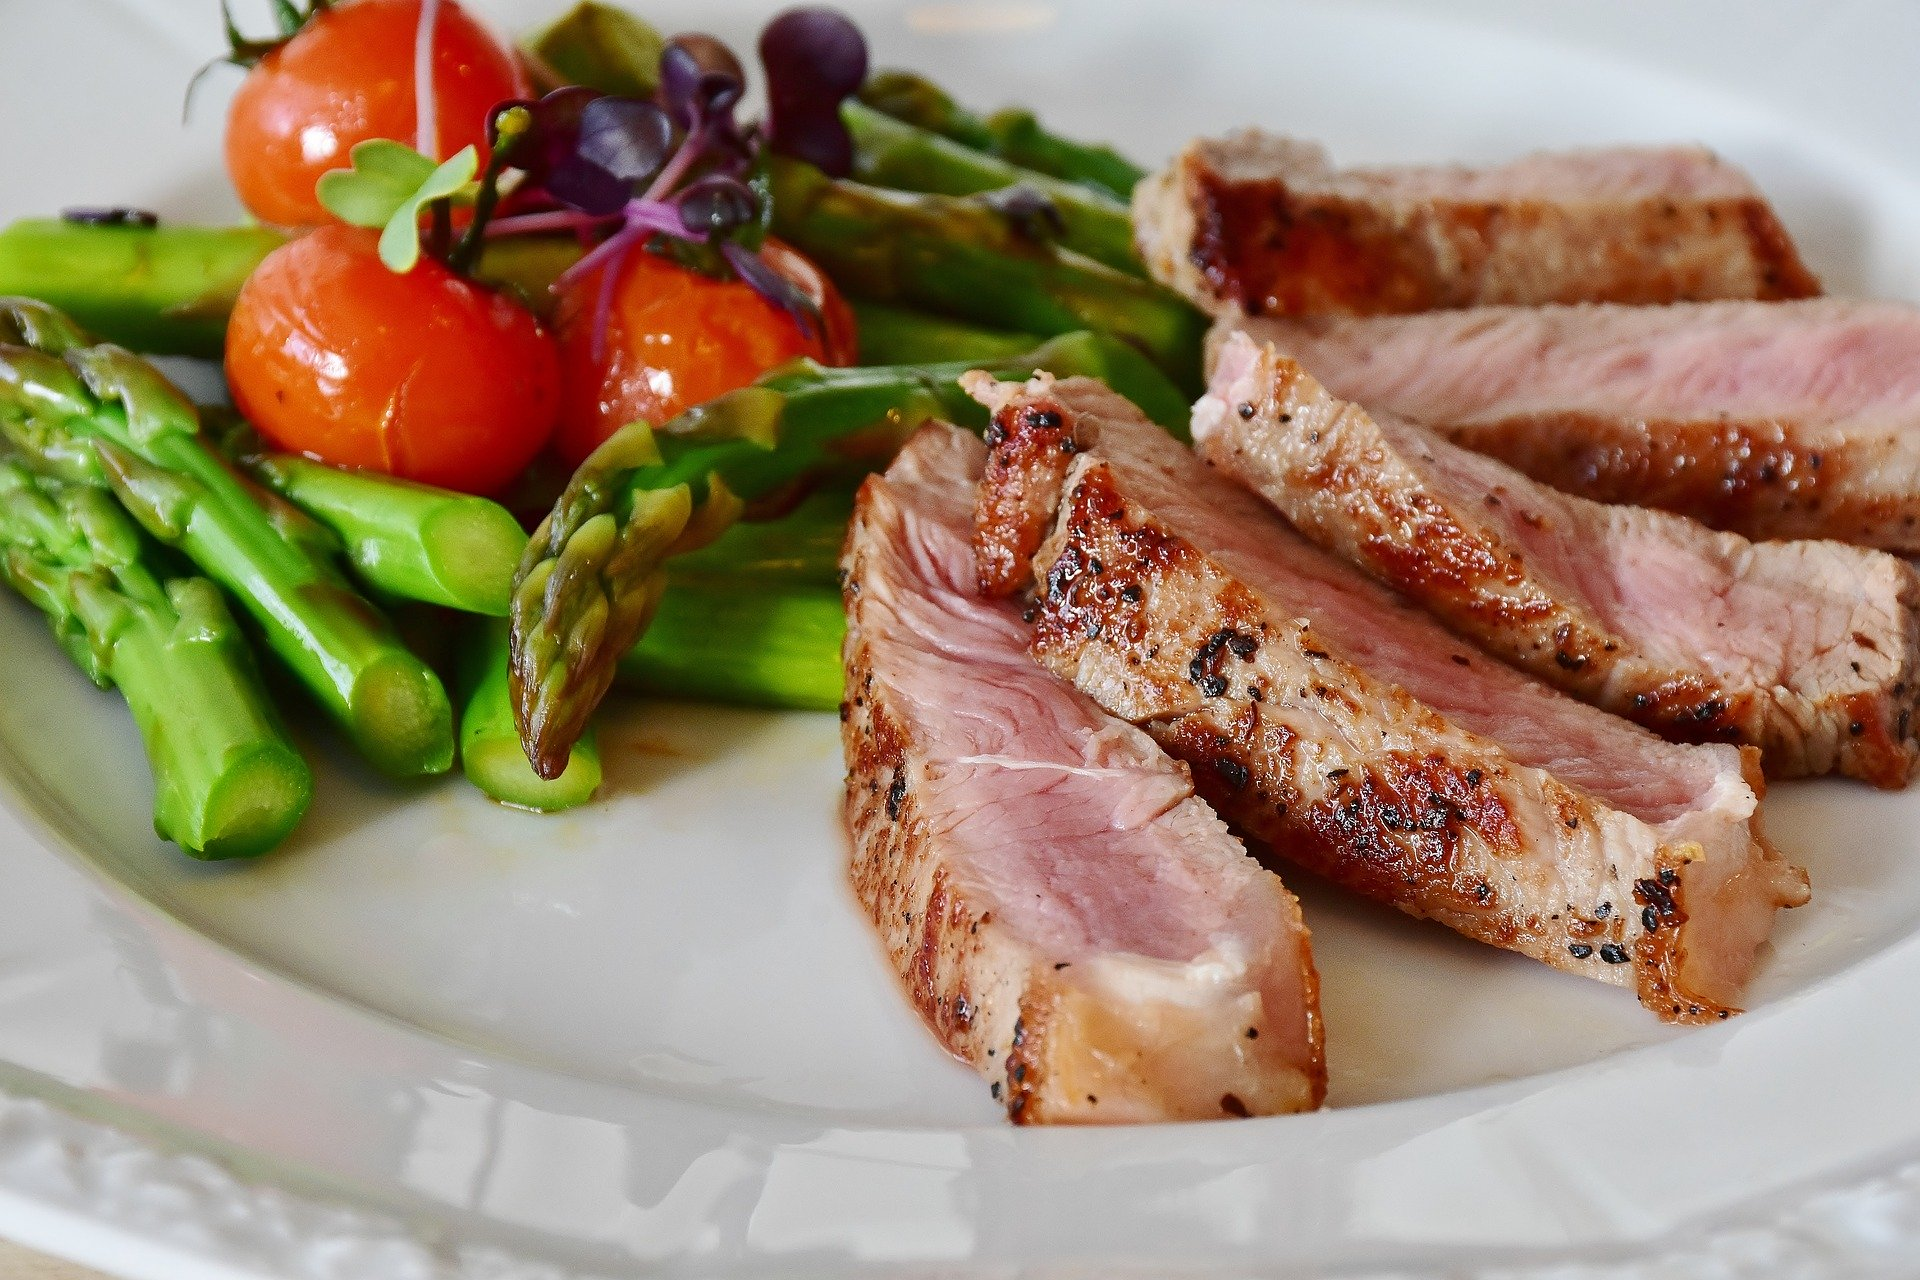 Conheça as vantagens da dieta flexitariana para a saúde